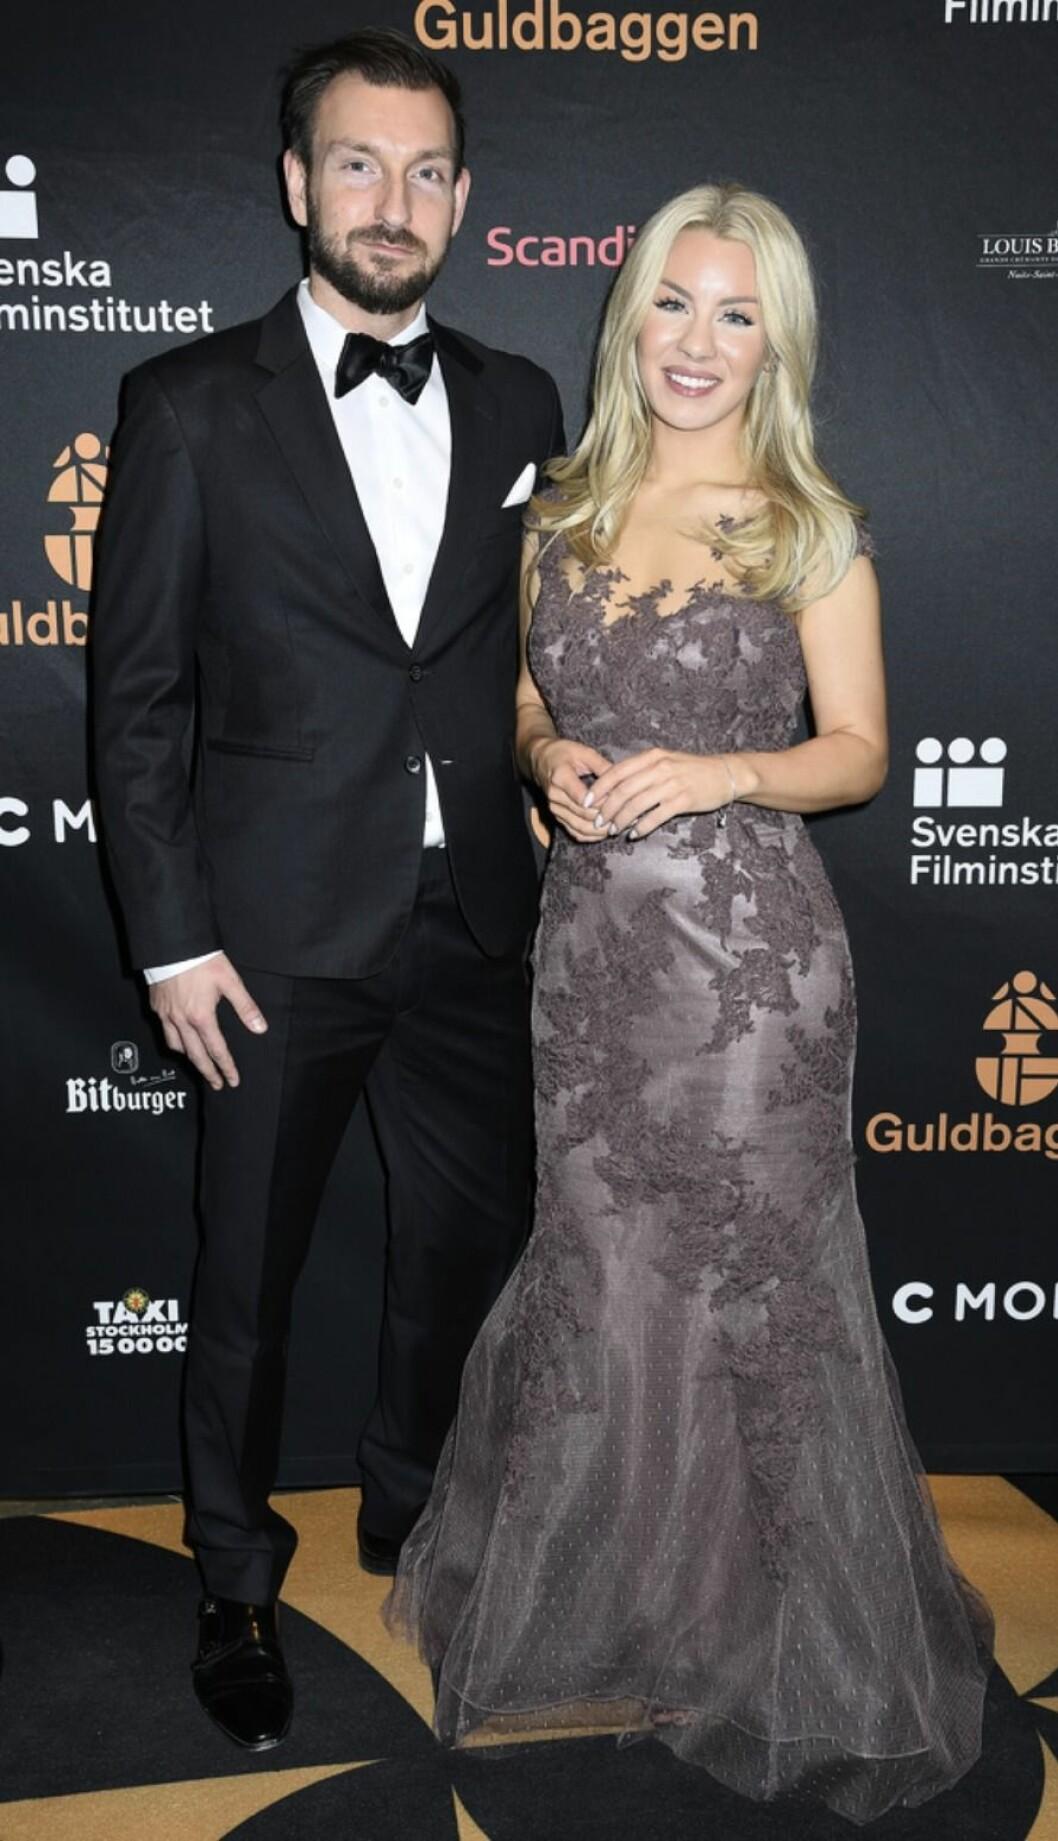 Anders Vesterlund och Therése Lindgren på GUldbaggegalan 2017